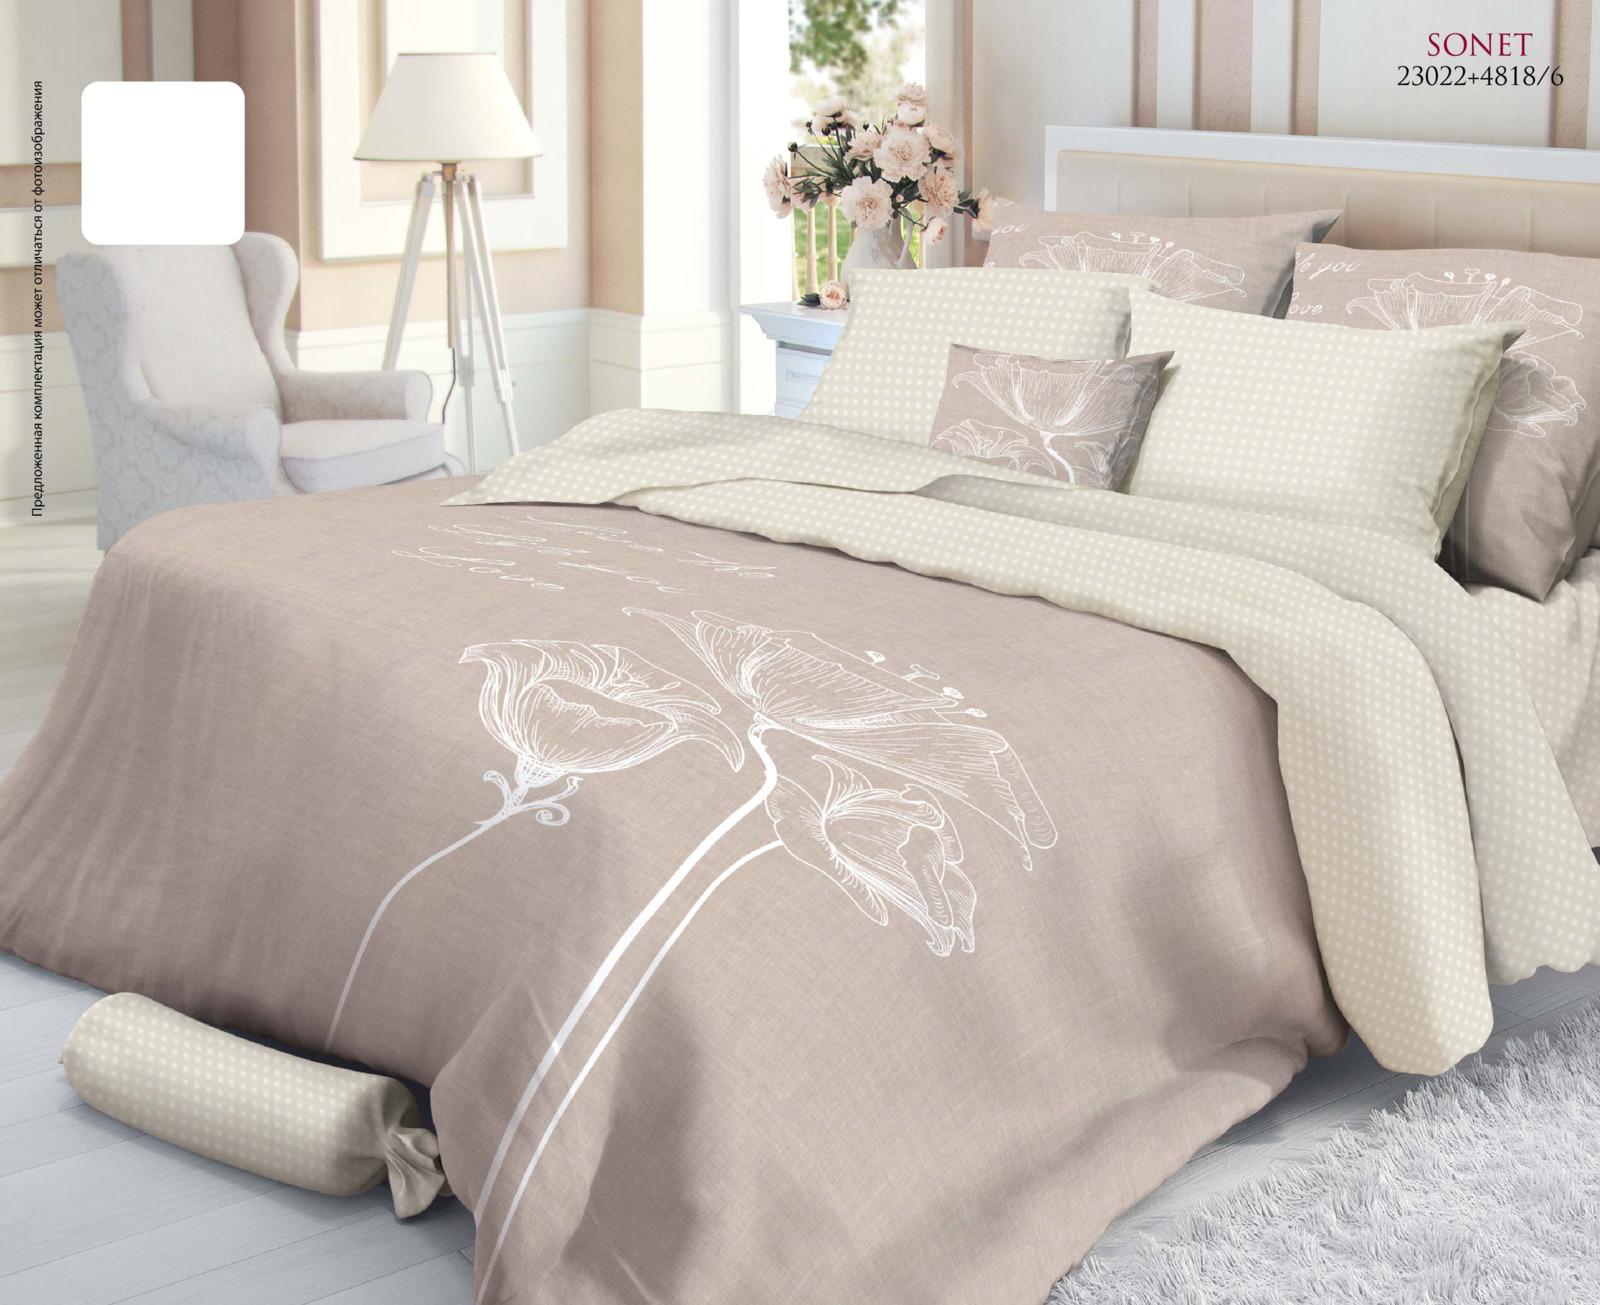 Комплект белья Verossa Sonet, 2-спальный, наволочки 50x70